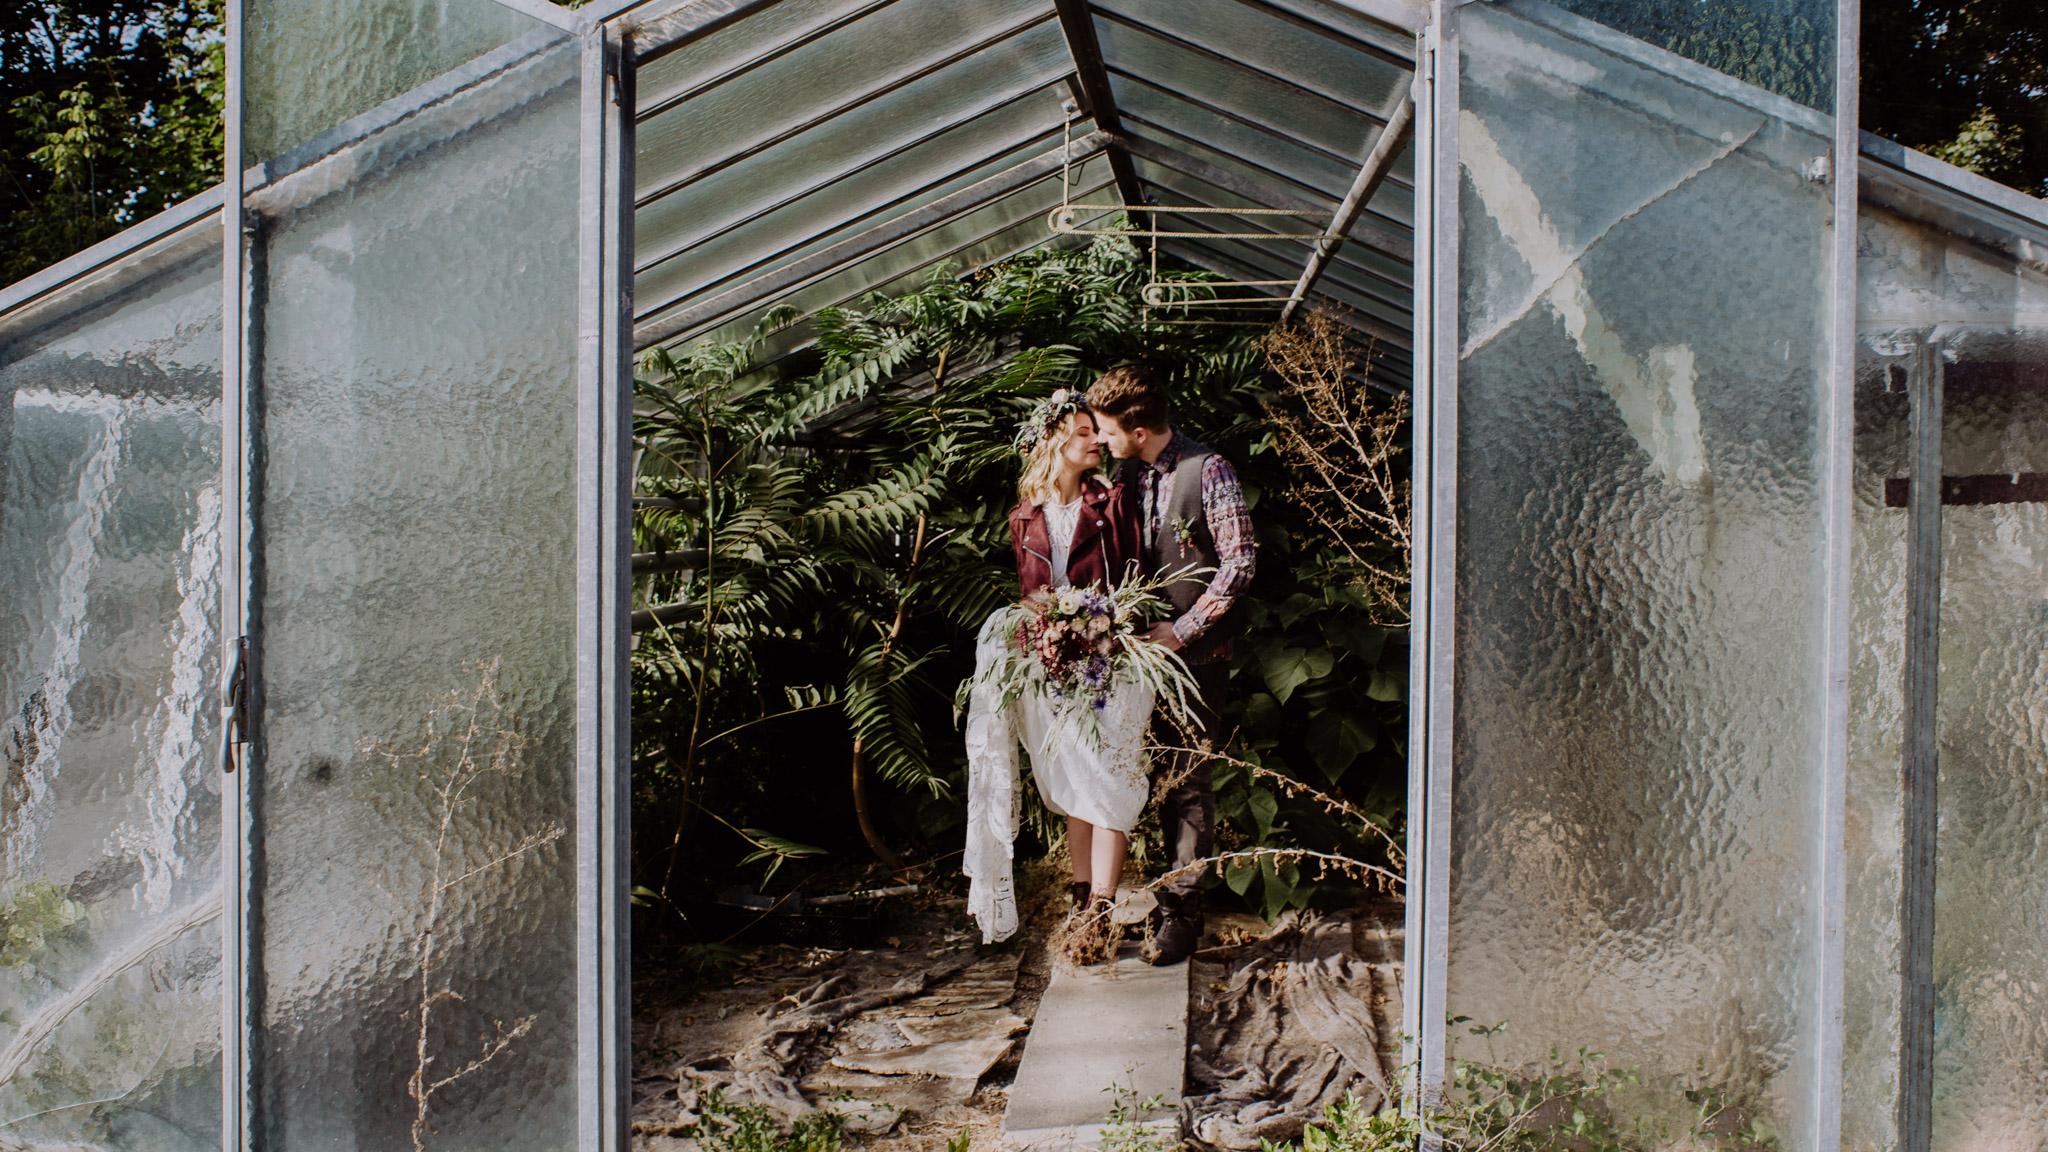 Braut und Bräutigam küssen sich in einem alten Glashaus Palmenhaus Hochzeit Kamerakinder Weddings